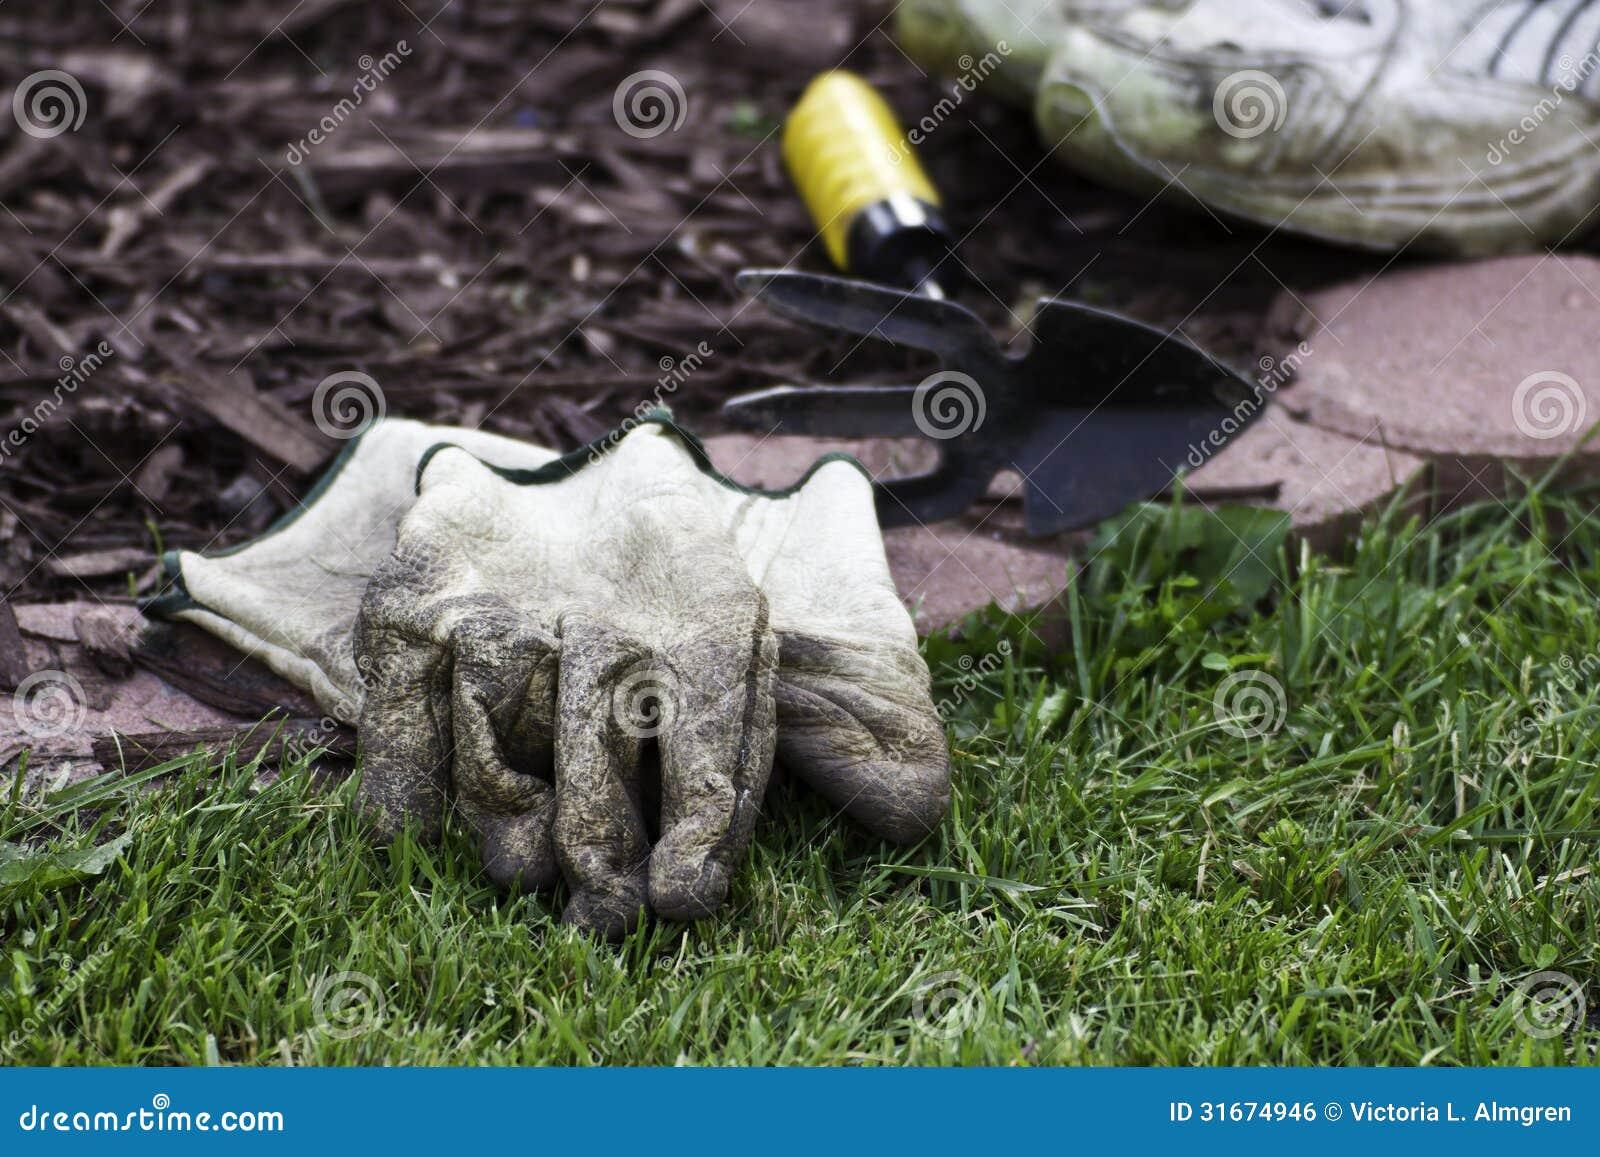 Gardening Royalty Free Stock Image Image 31674946